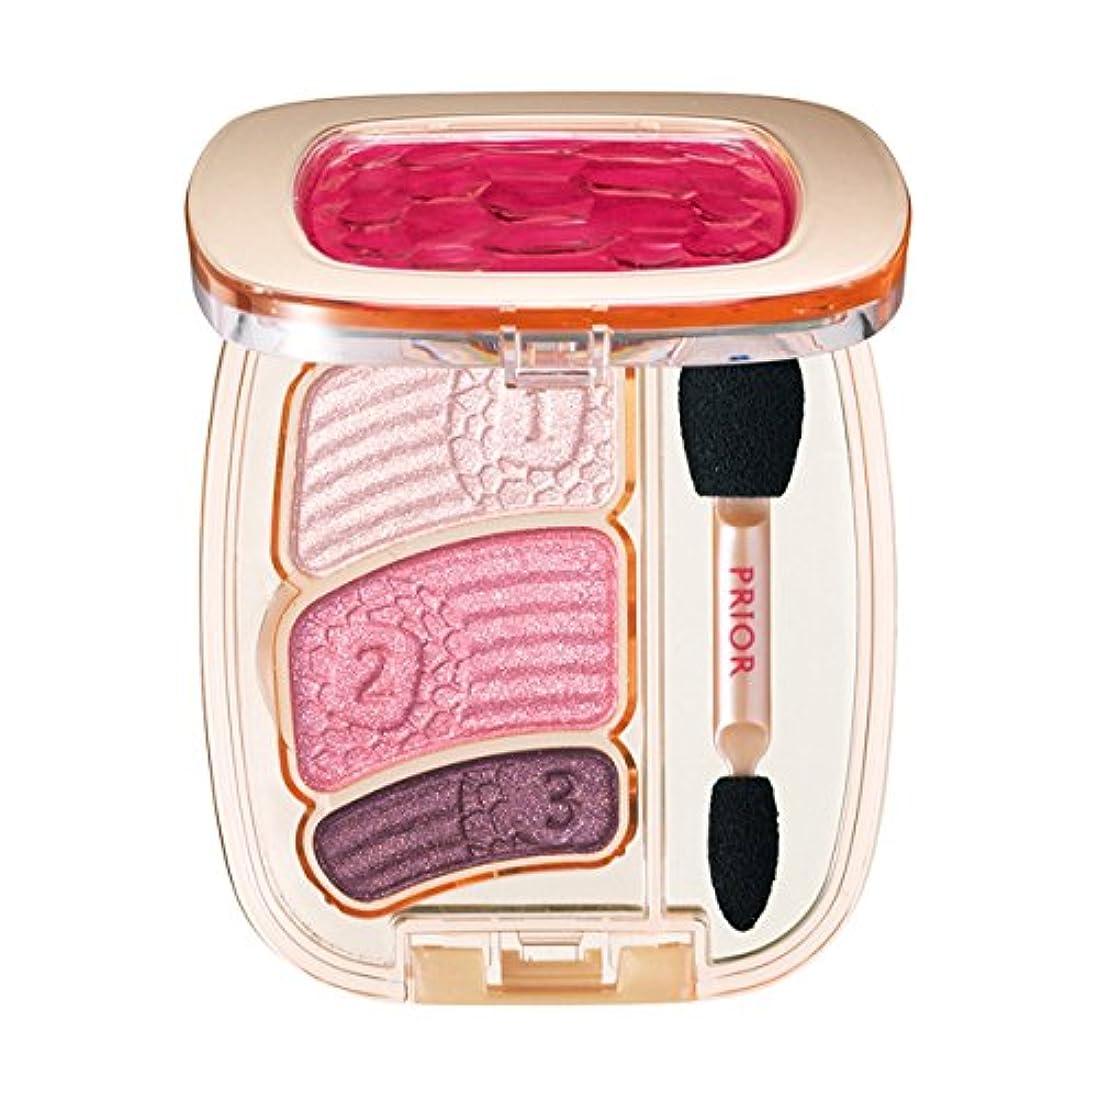 オープニング王室カニプリオール 美リフトアイカラー ピンク 3g